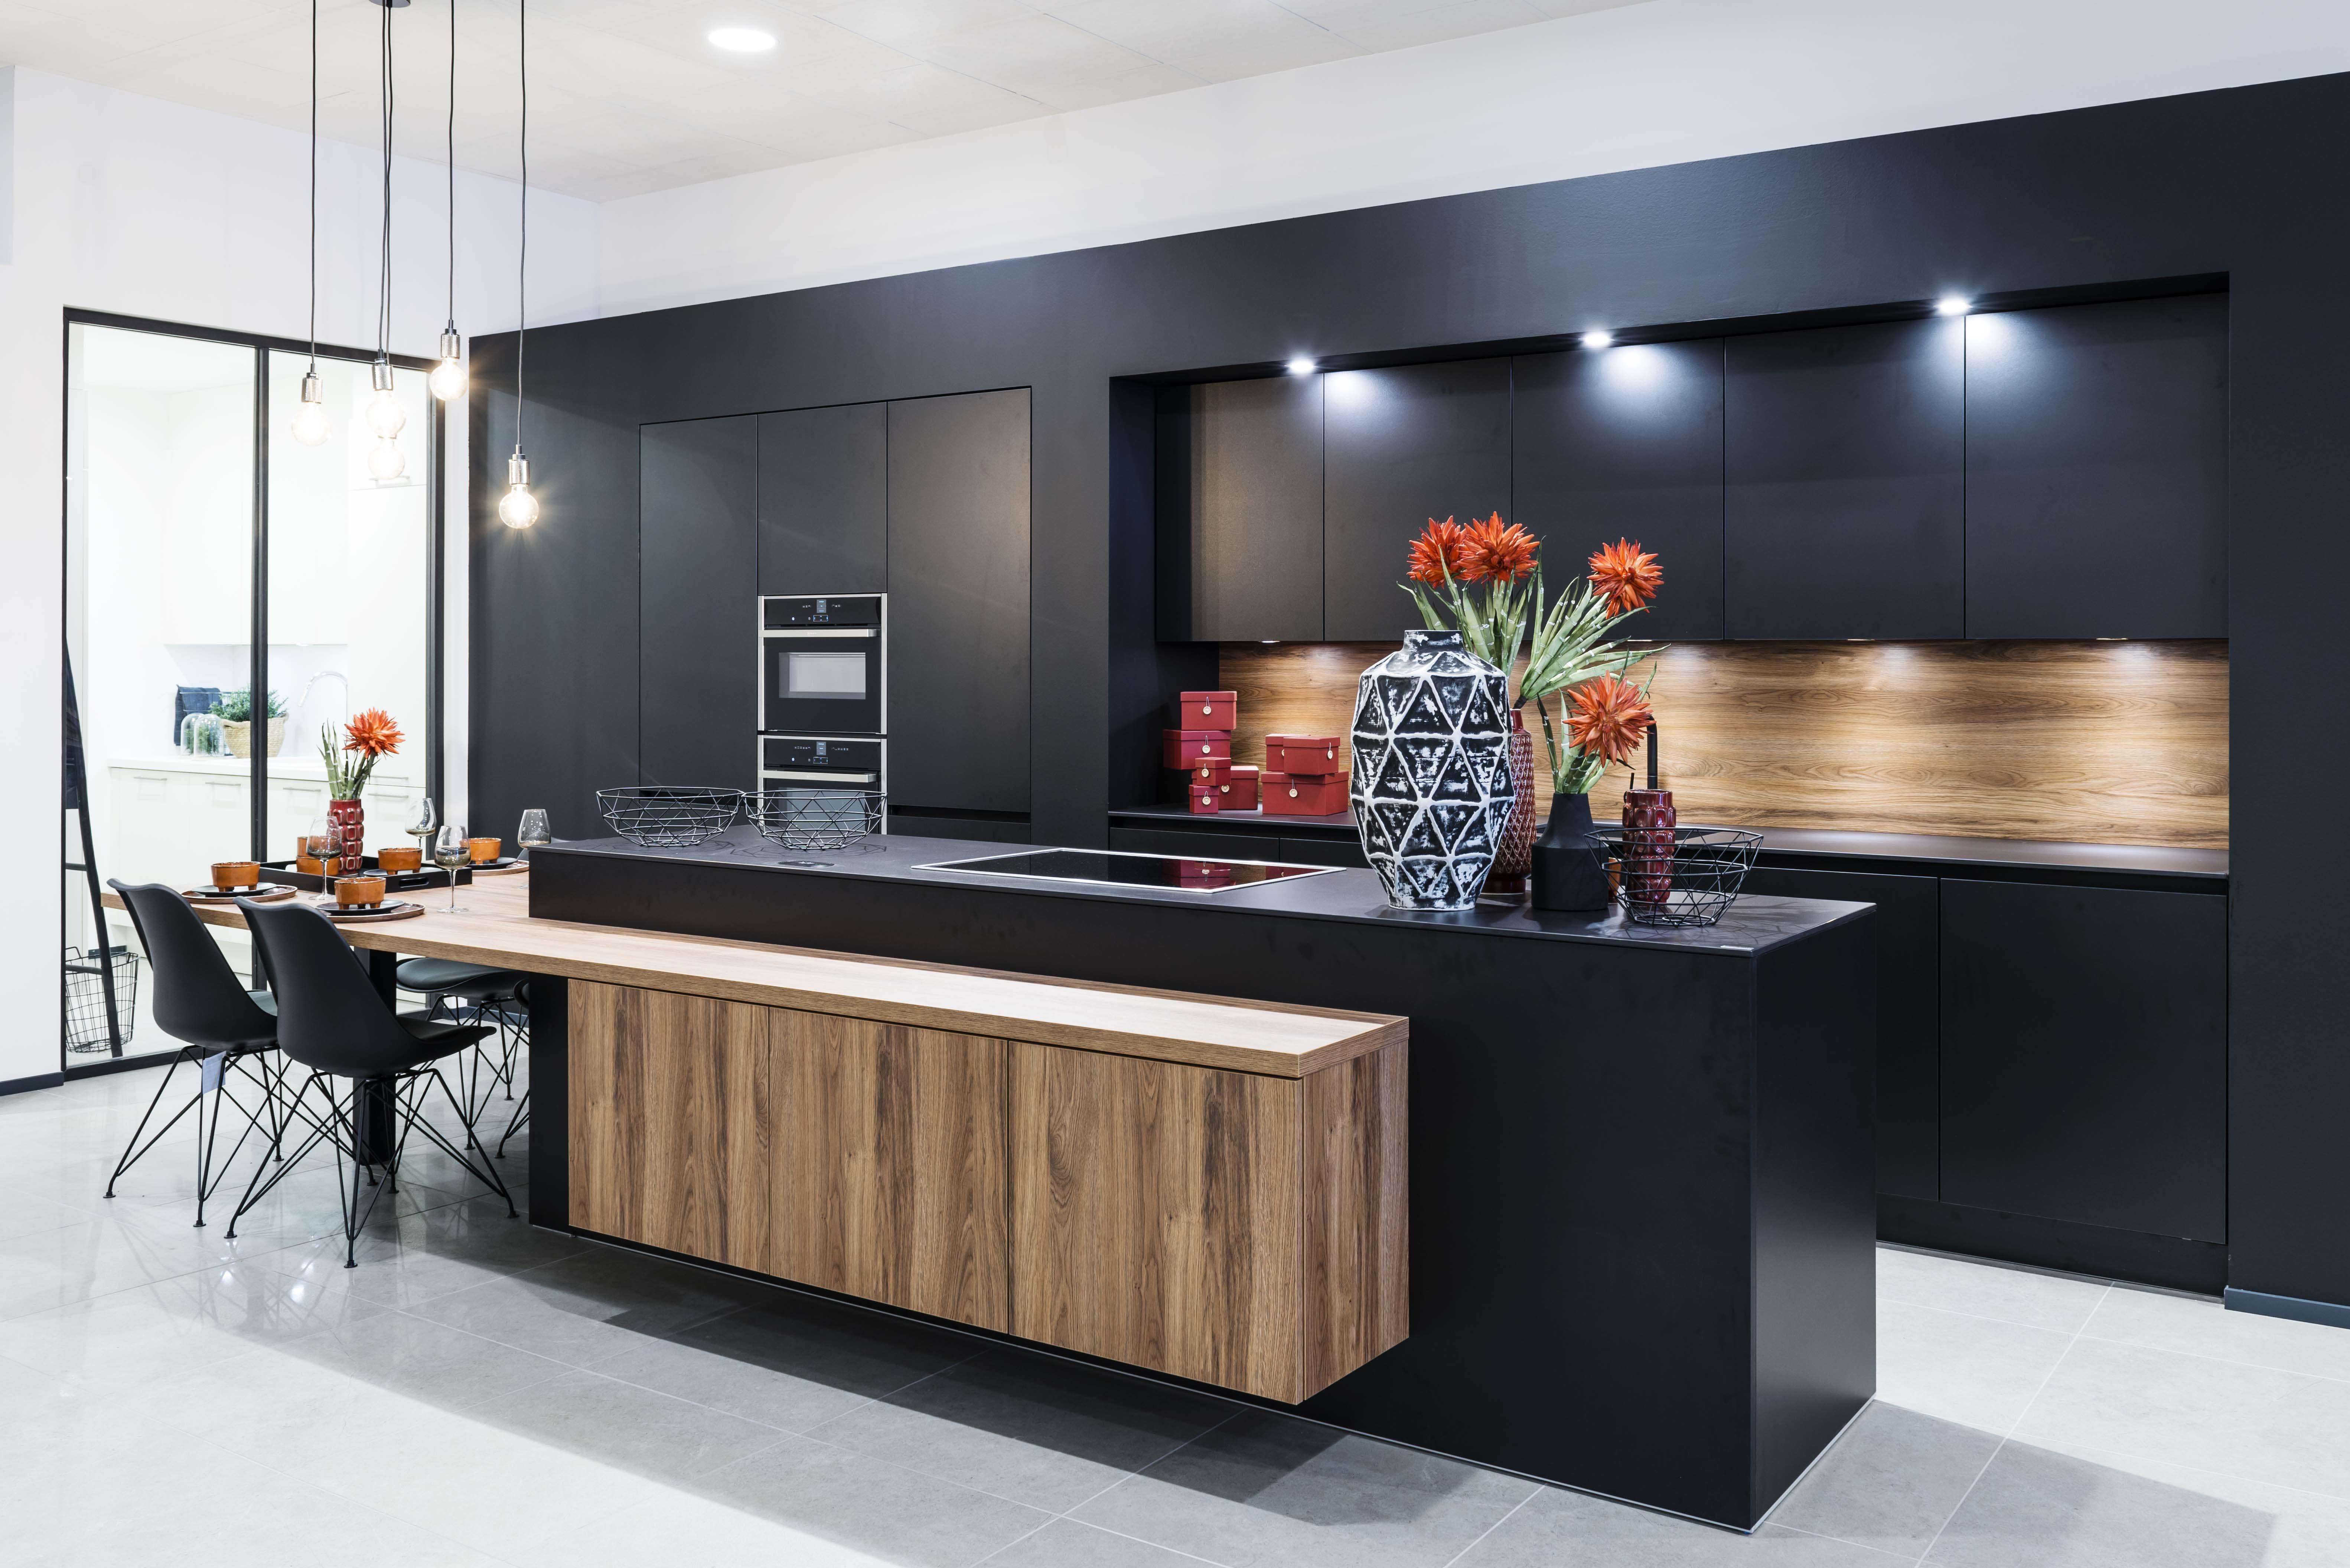 Zwarte Keuken Met Hout Accent Keuken Ontwerpen Keuken Ontwerp Keuken Interieur